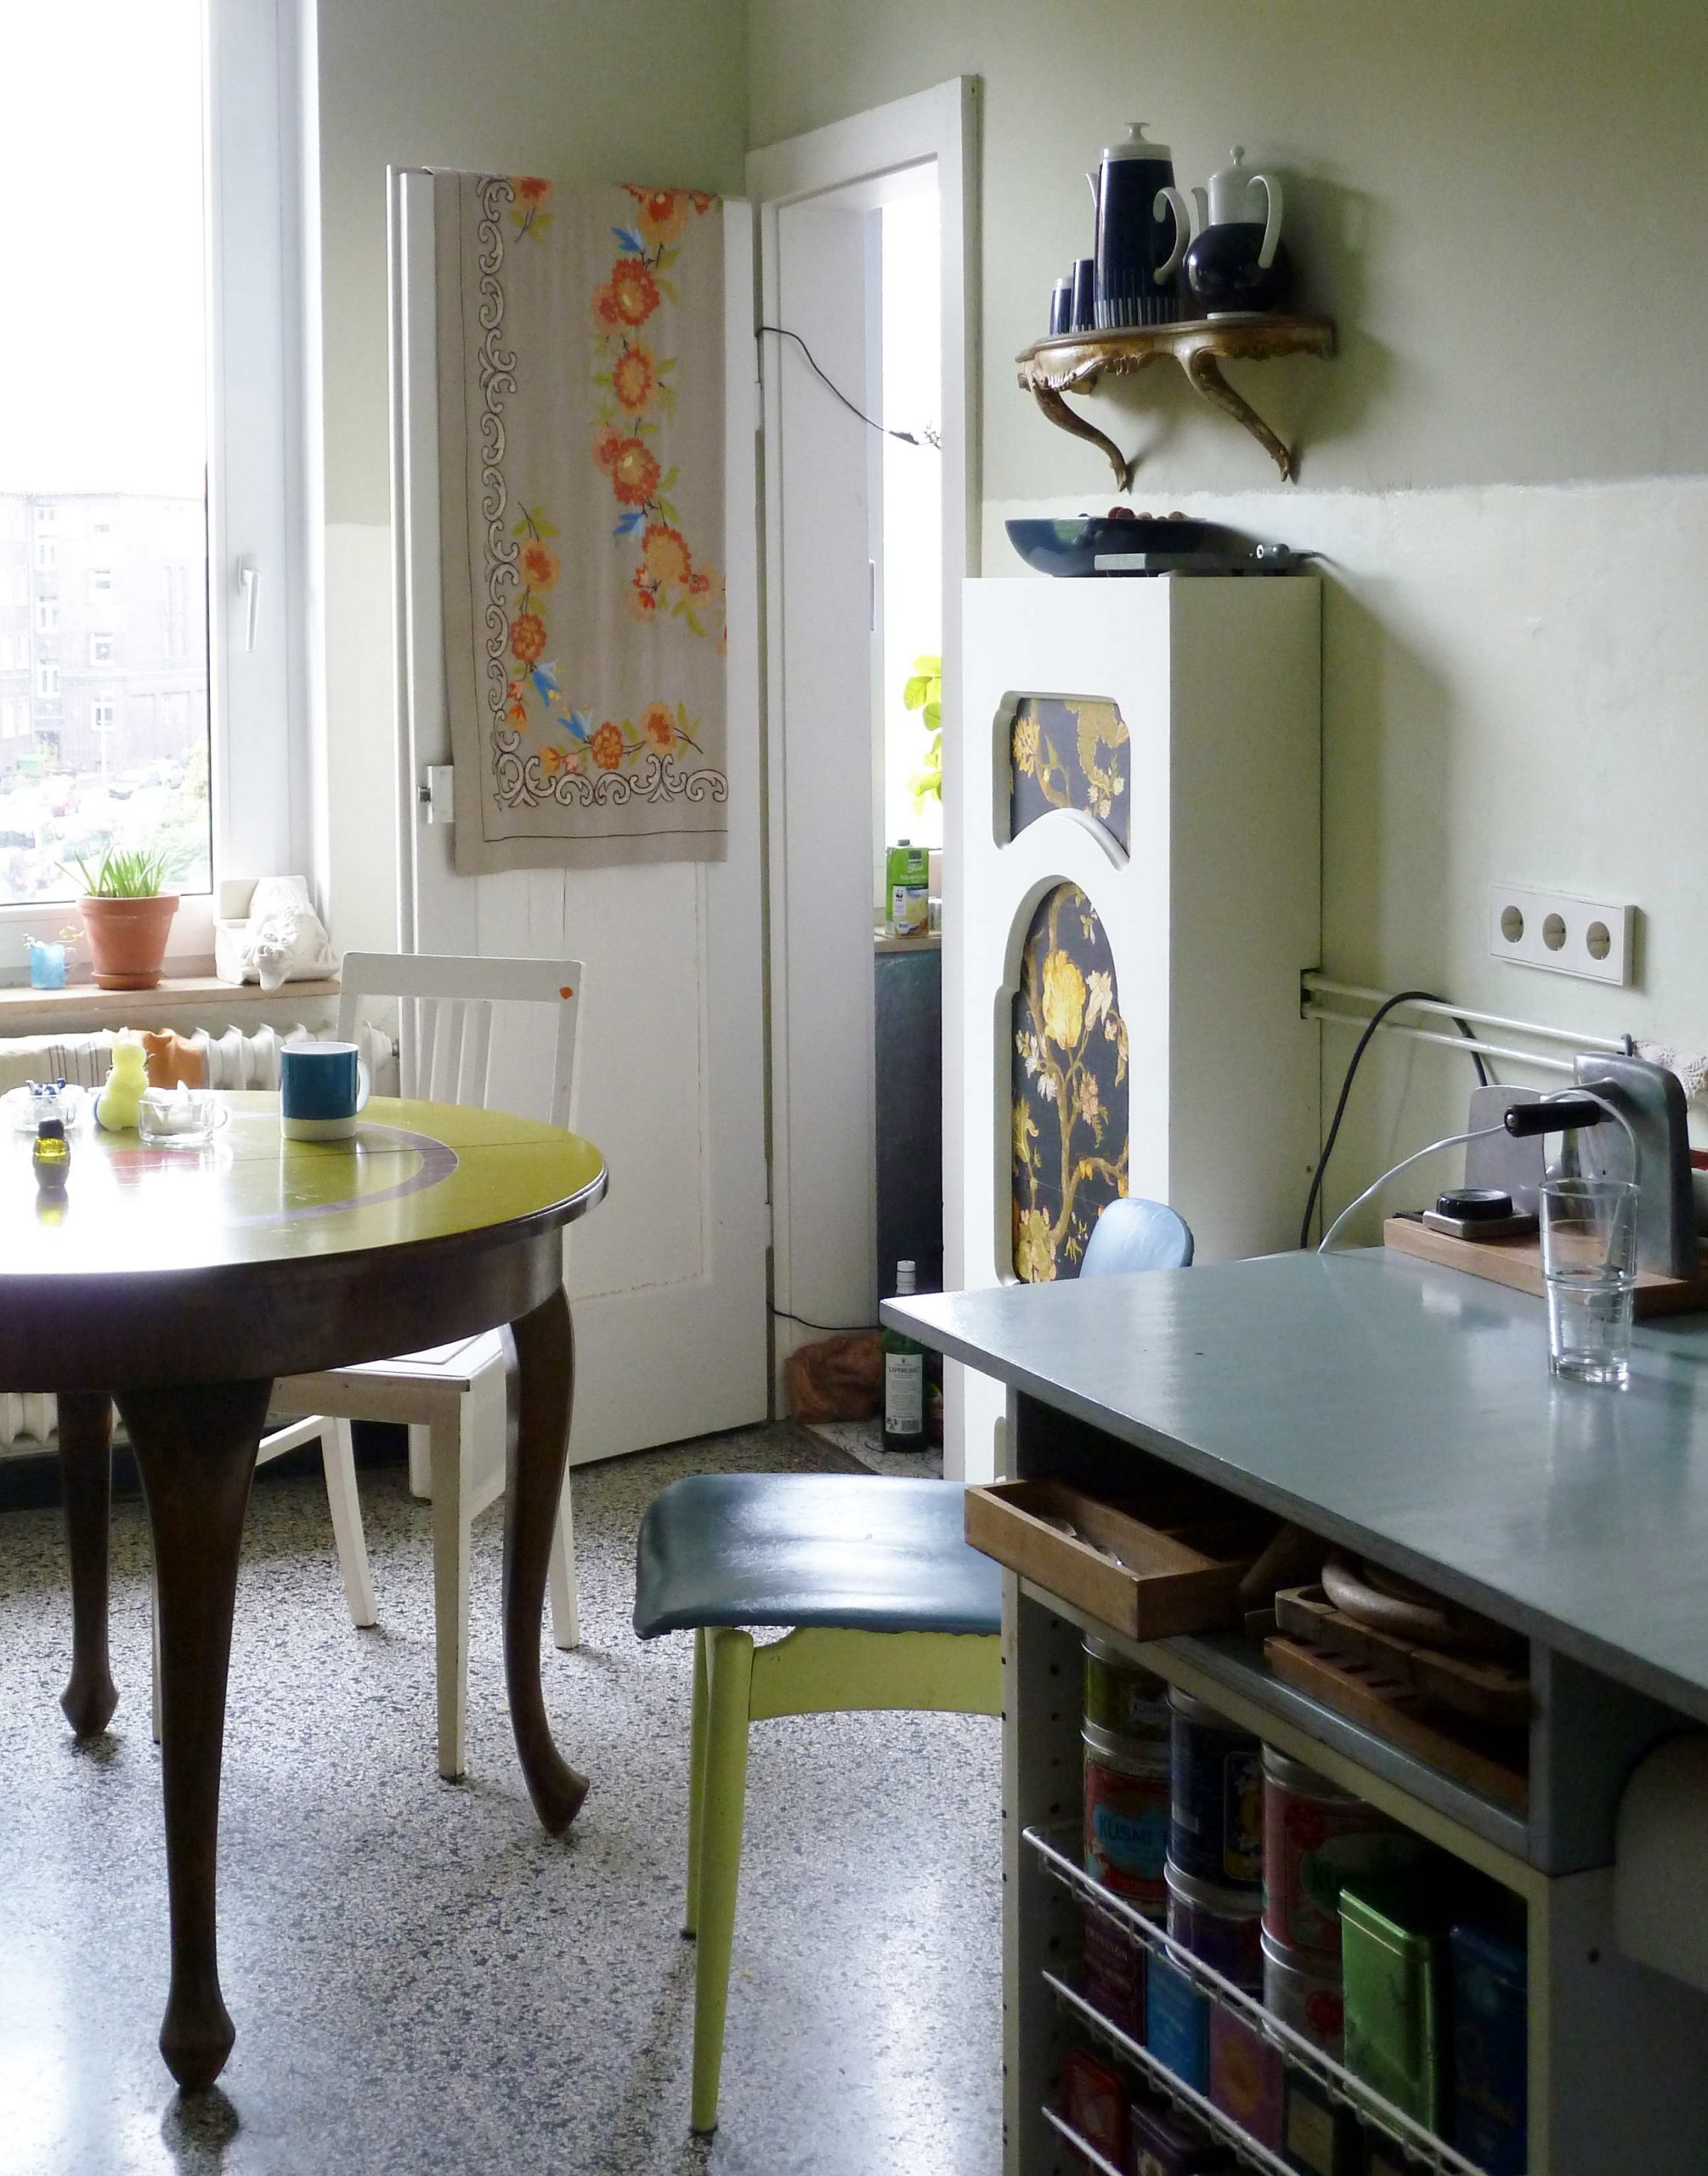 Küche mit einem Esstisch und Speisekammer